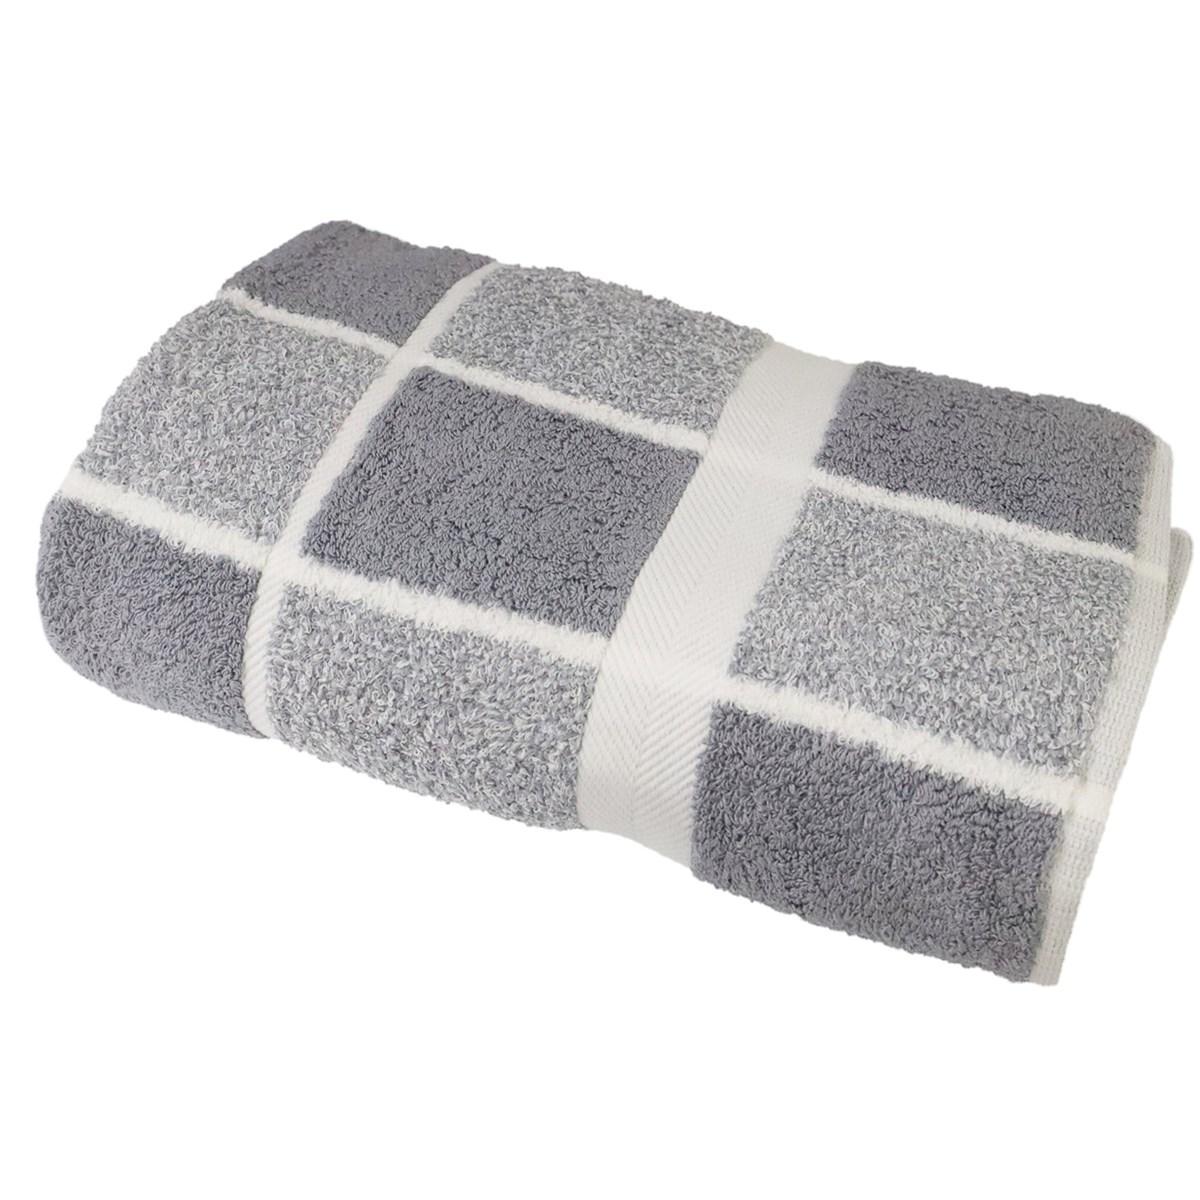 Drap de douche éponge à carreaux en coton gris 70x140 cm